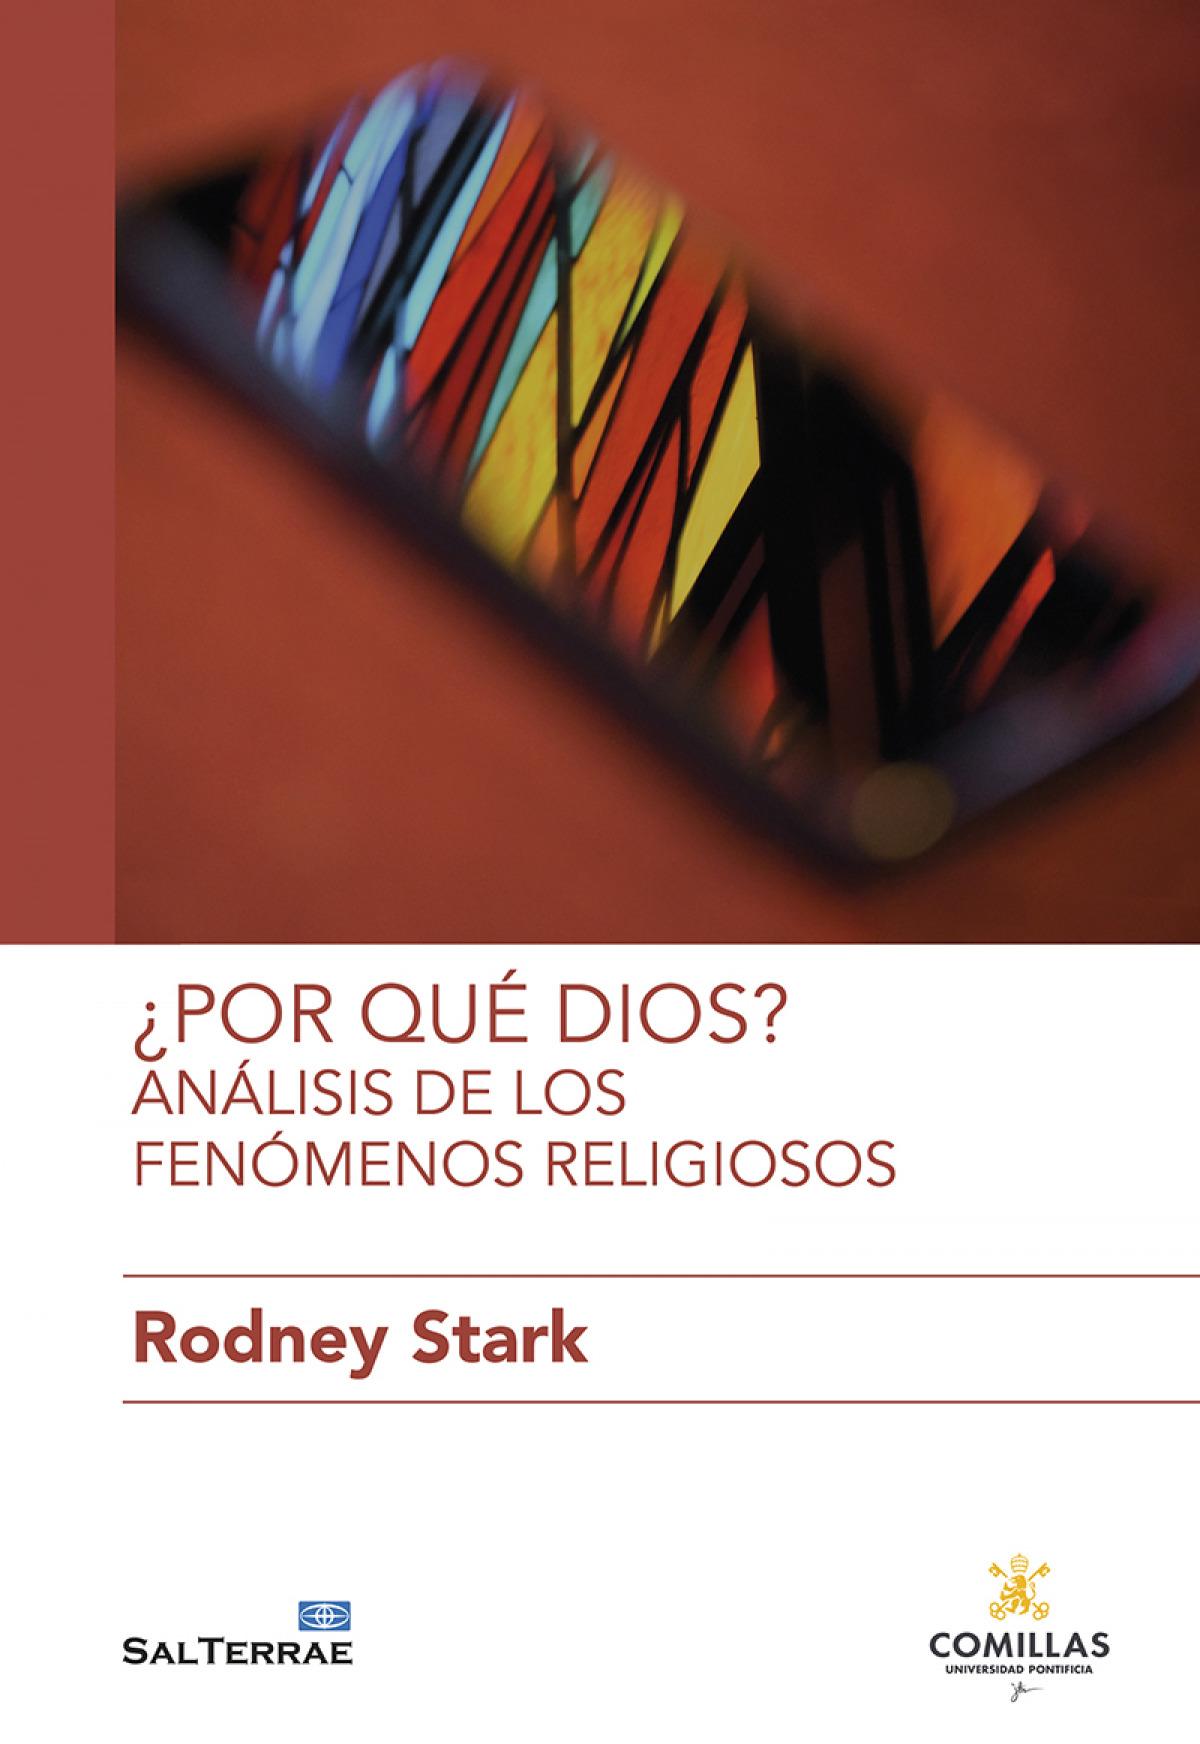 ¿Por qué Dios? Análisis de los fenómenos religiosos